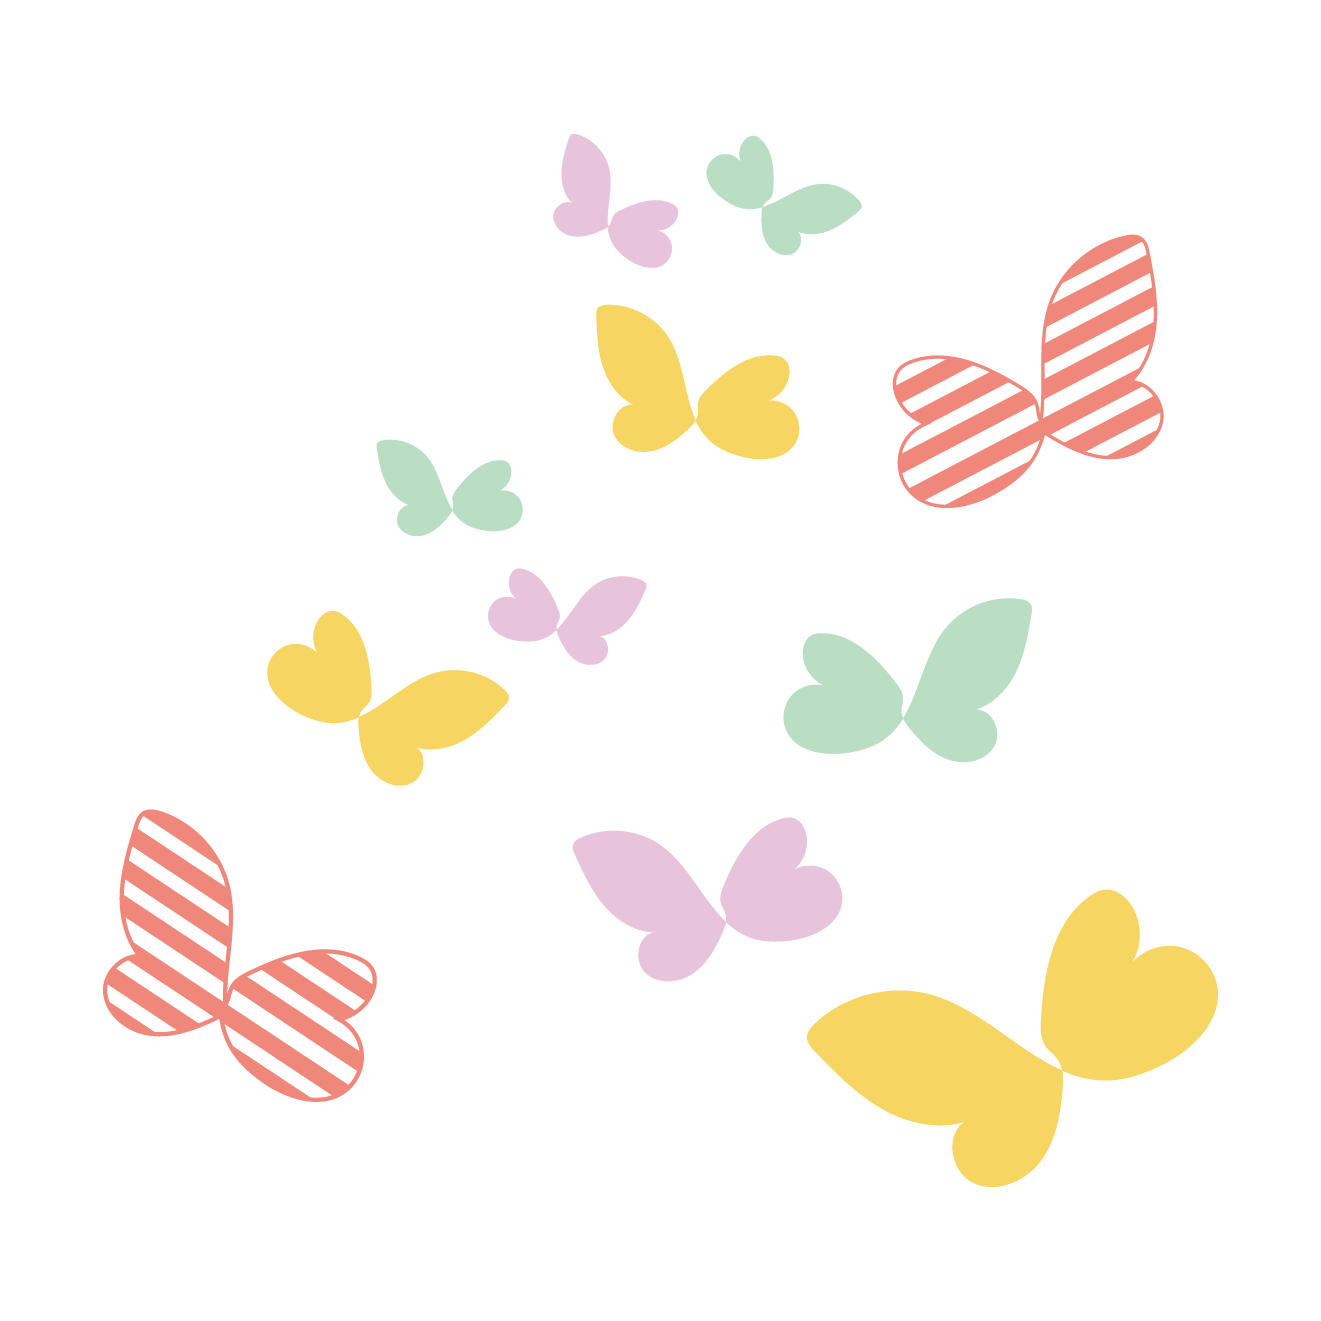 かわいい蝶(ちょう・ちょうちょ)のイラスト | 商用フリー(無料)の